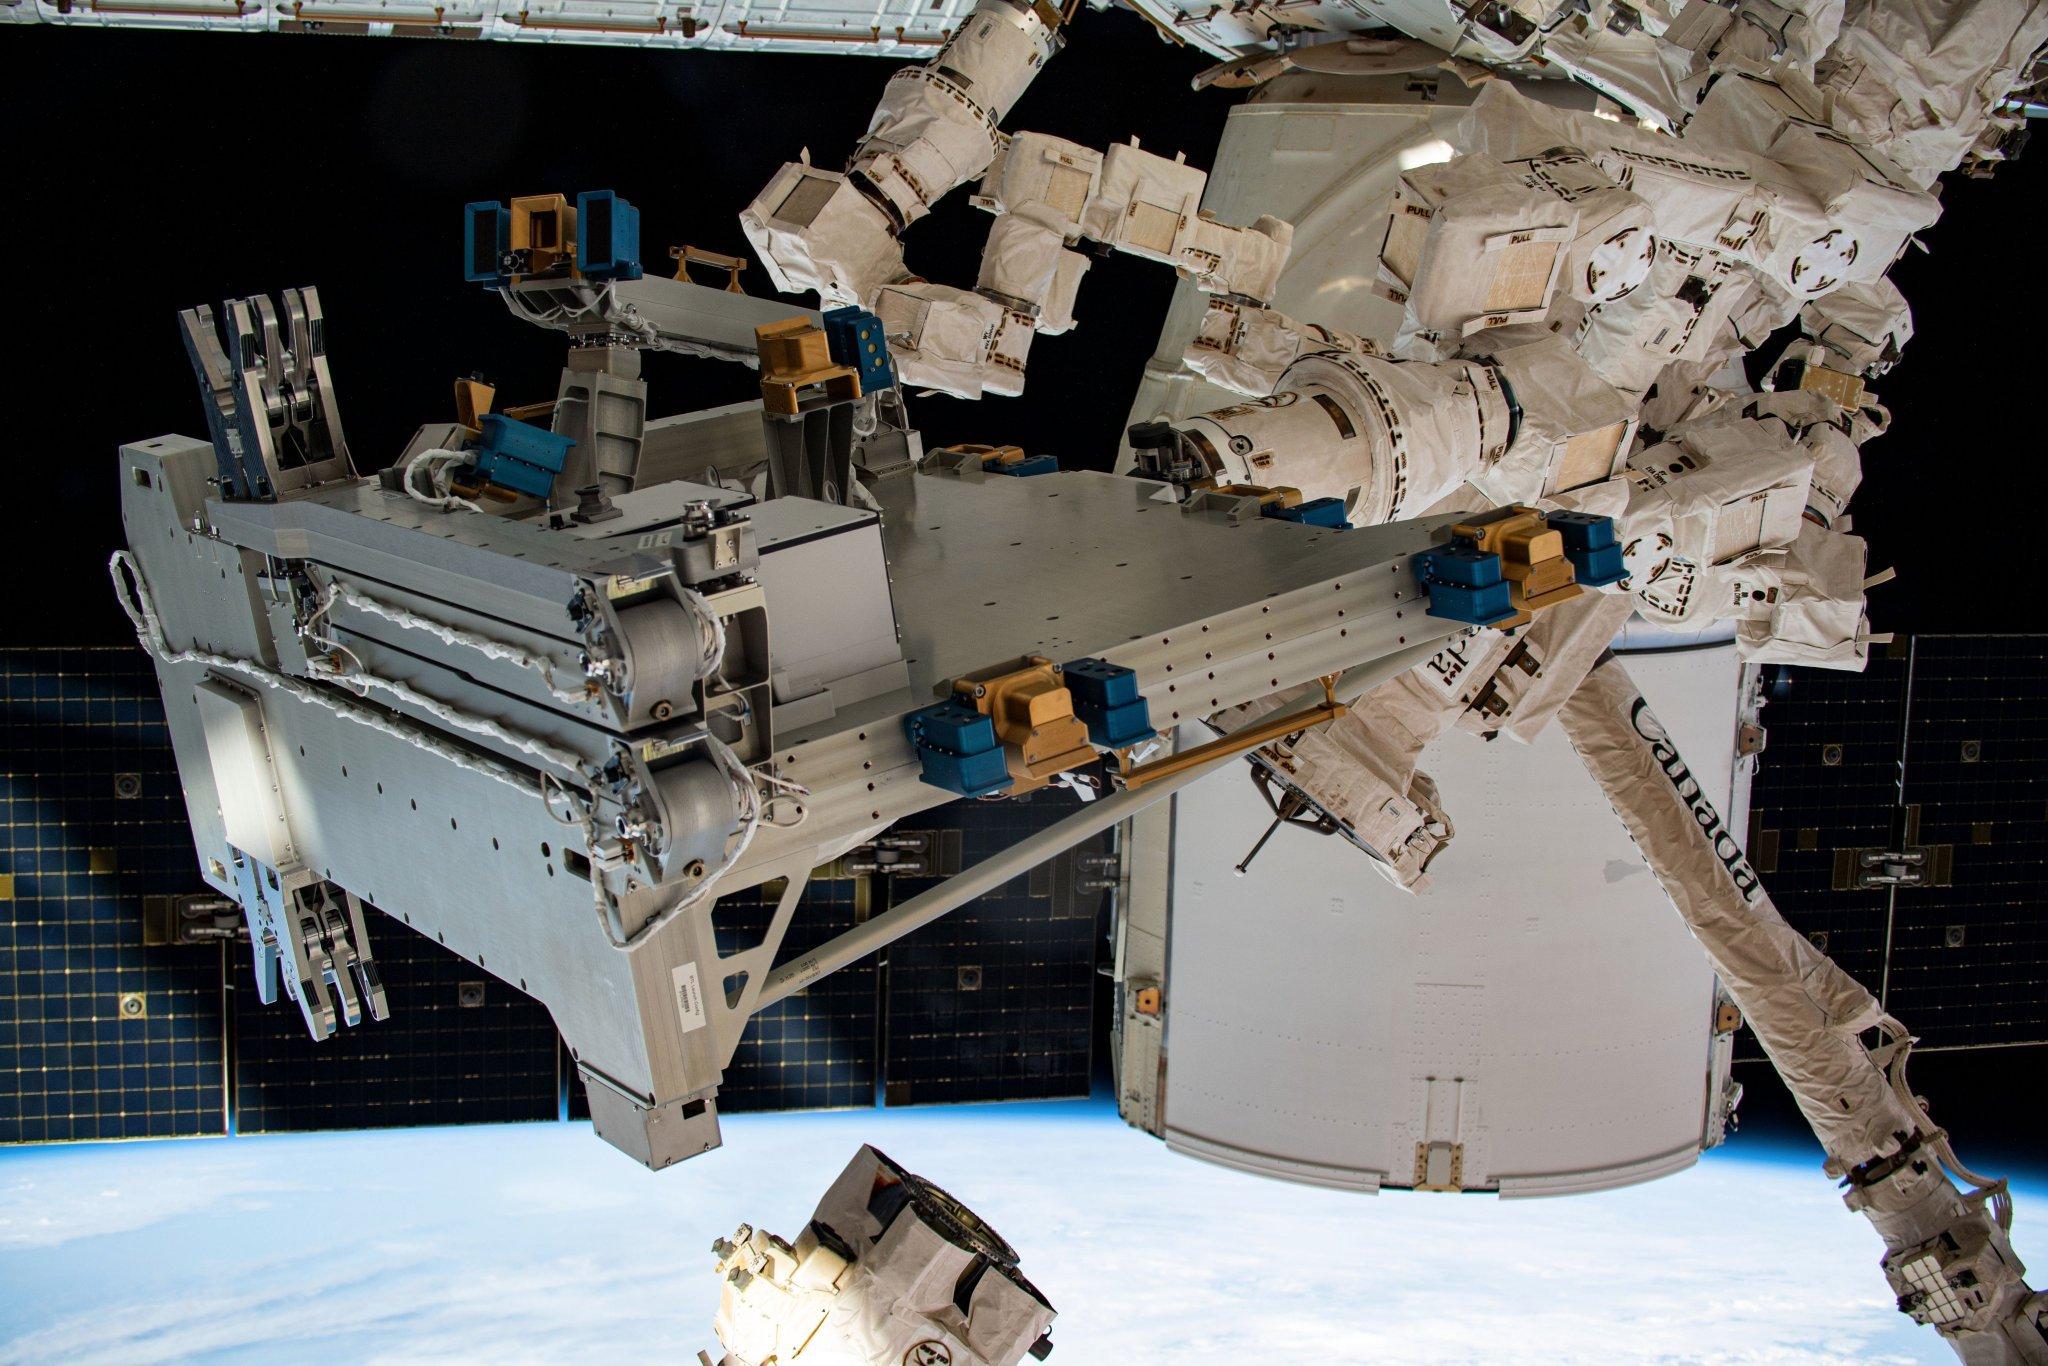 تحویل آزمایشگاه بارتولومئو به ایستگاه فضایی توسط کپسول باری دراگون اسپیسایکس